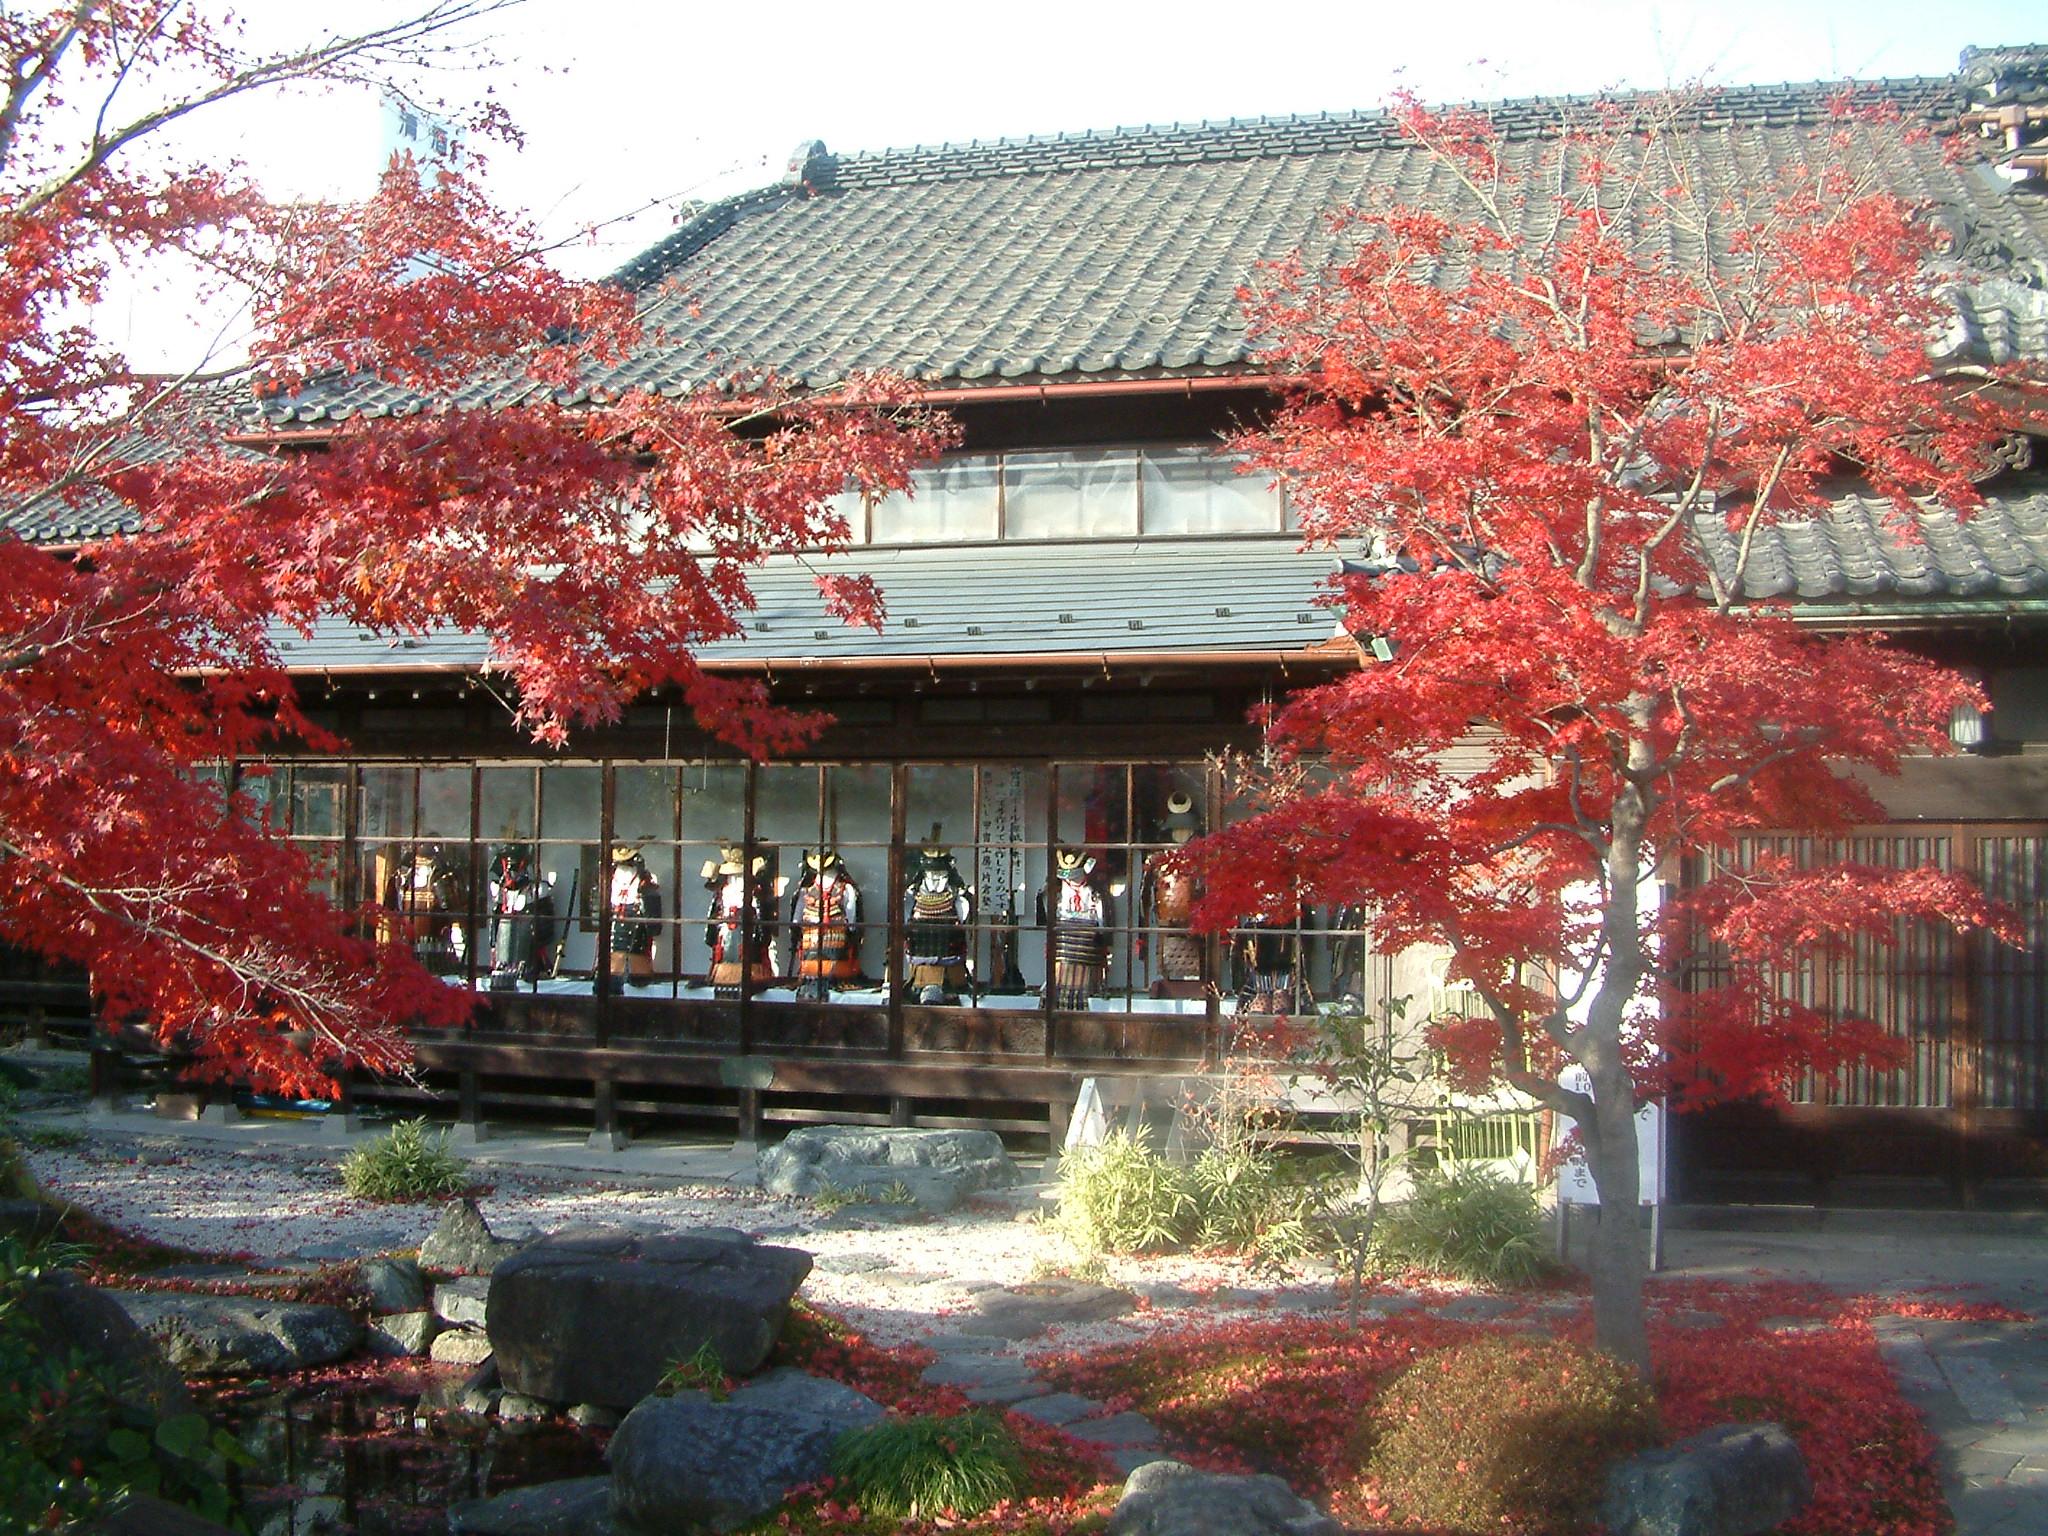 【壽丸屋敷】明治中期に建てられた町屋建築で開催される、城下町ならではのイベントへ行ってみよう。